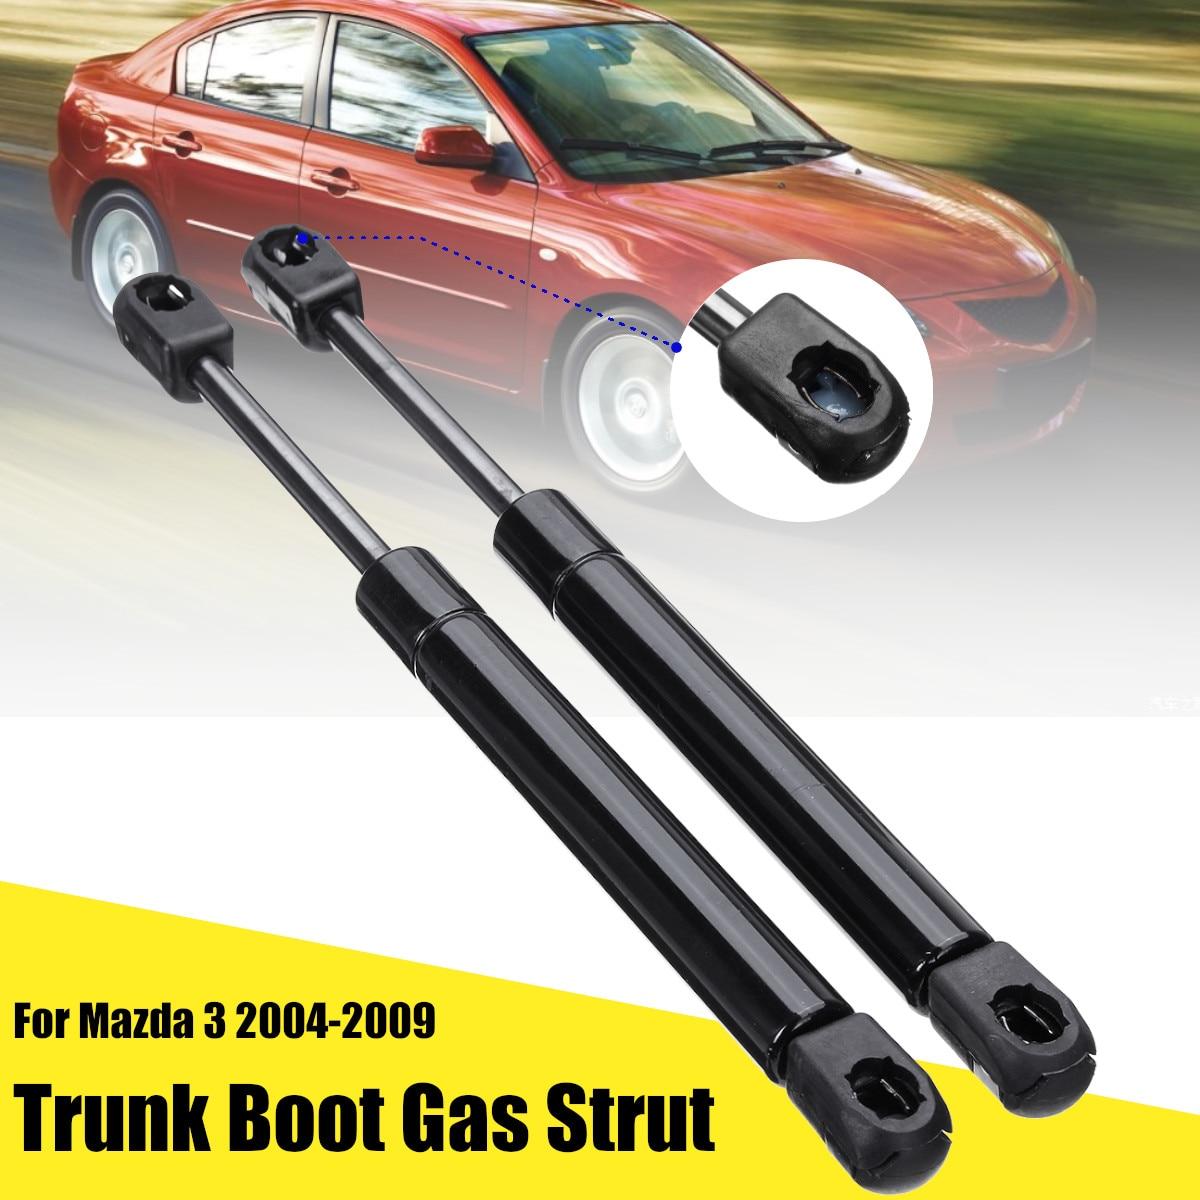 2 Stuks Auto Achterklep Kofferbak Boot Gasdrukveer Ondersteuning Lift Voor Mazda 3 2004-2009 BN8W56930 BN8V56930 BN8W56930A